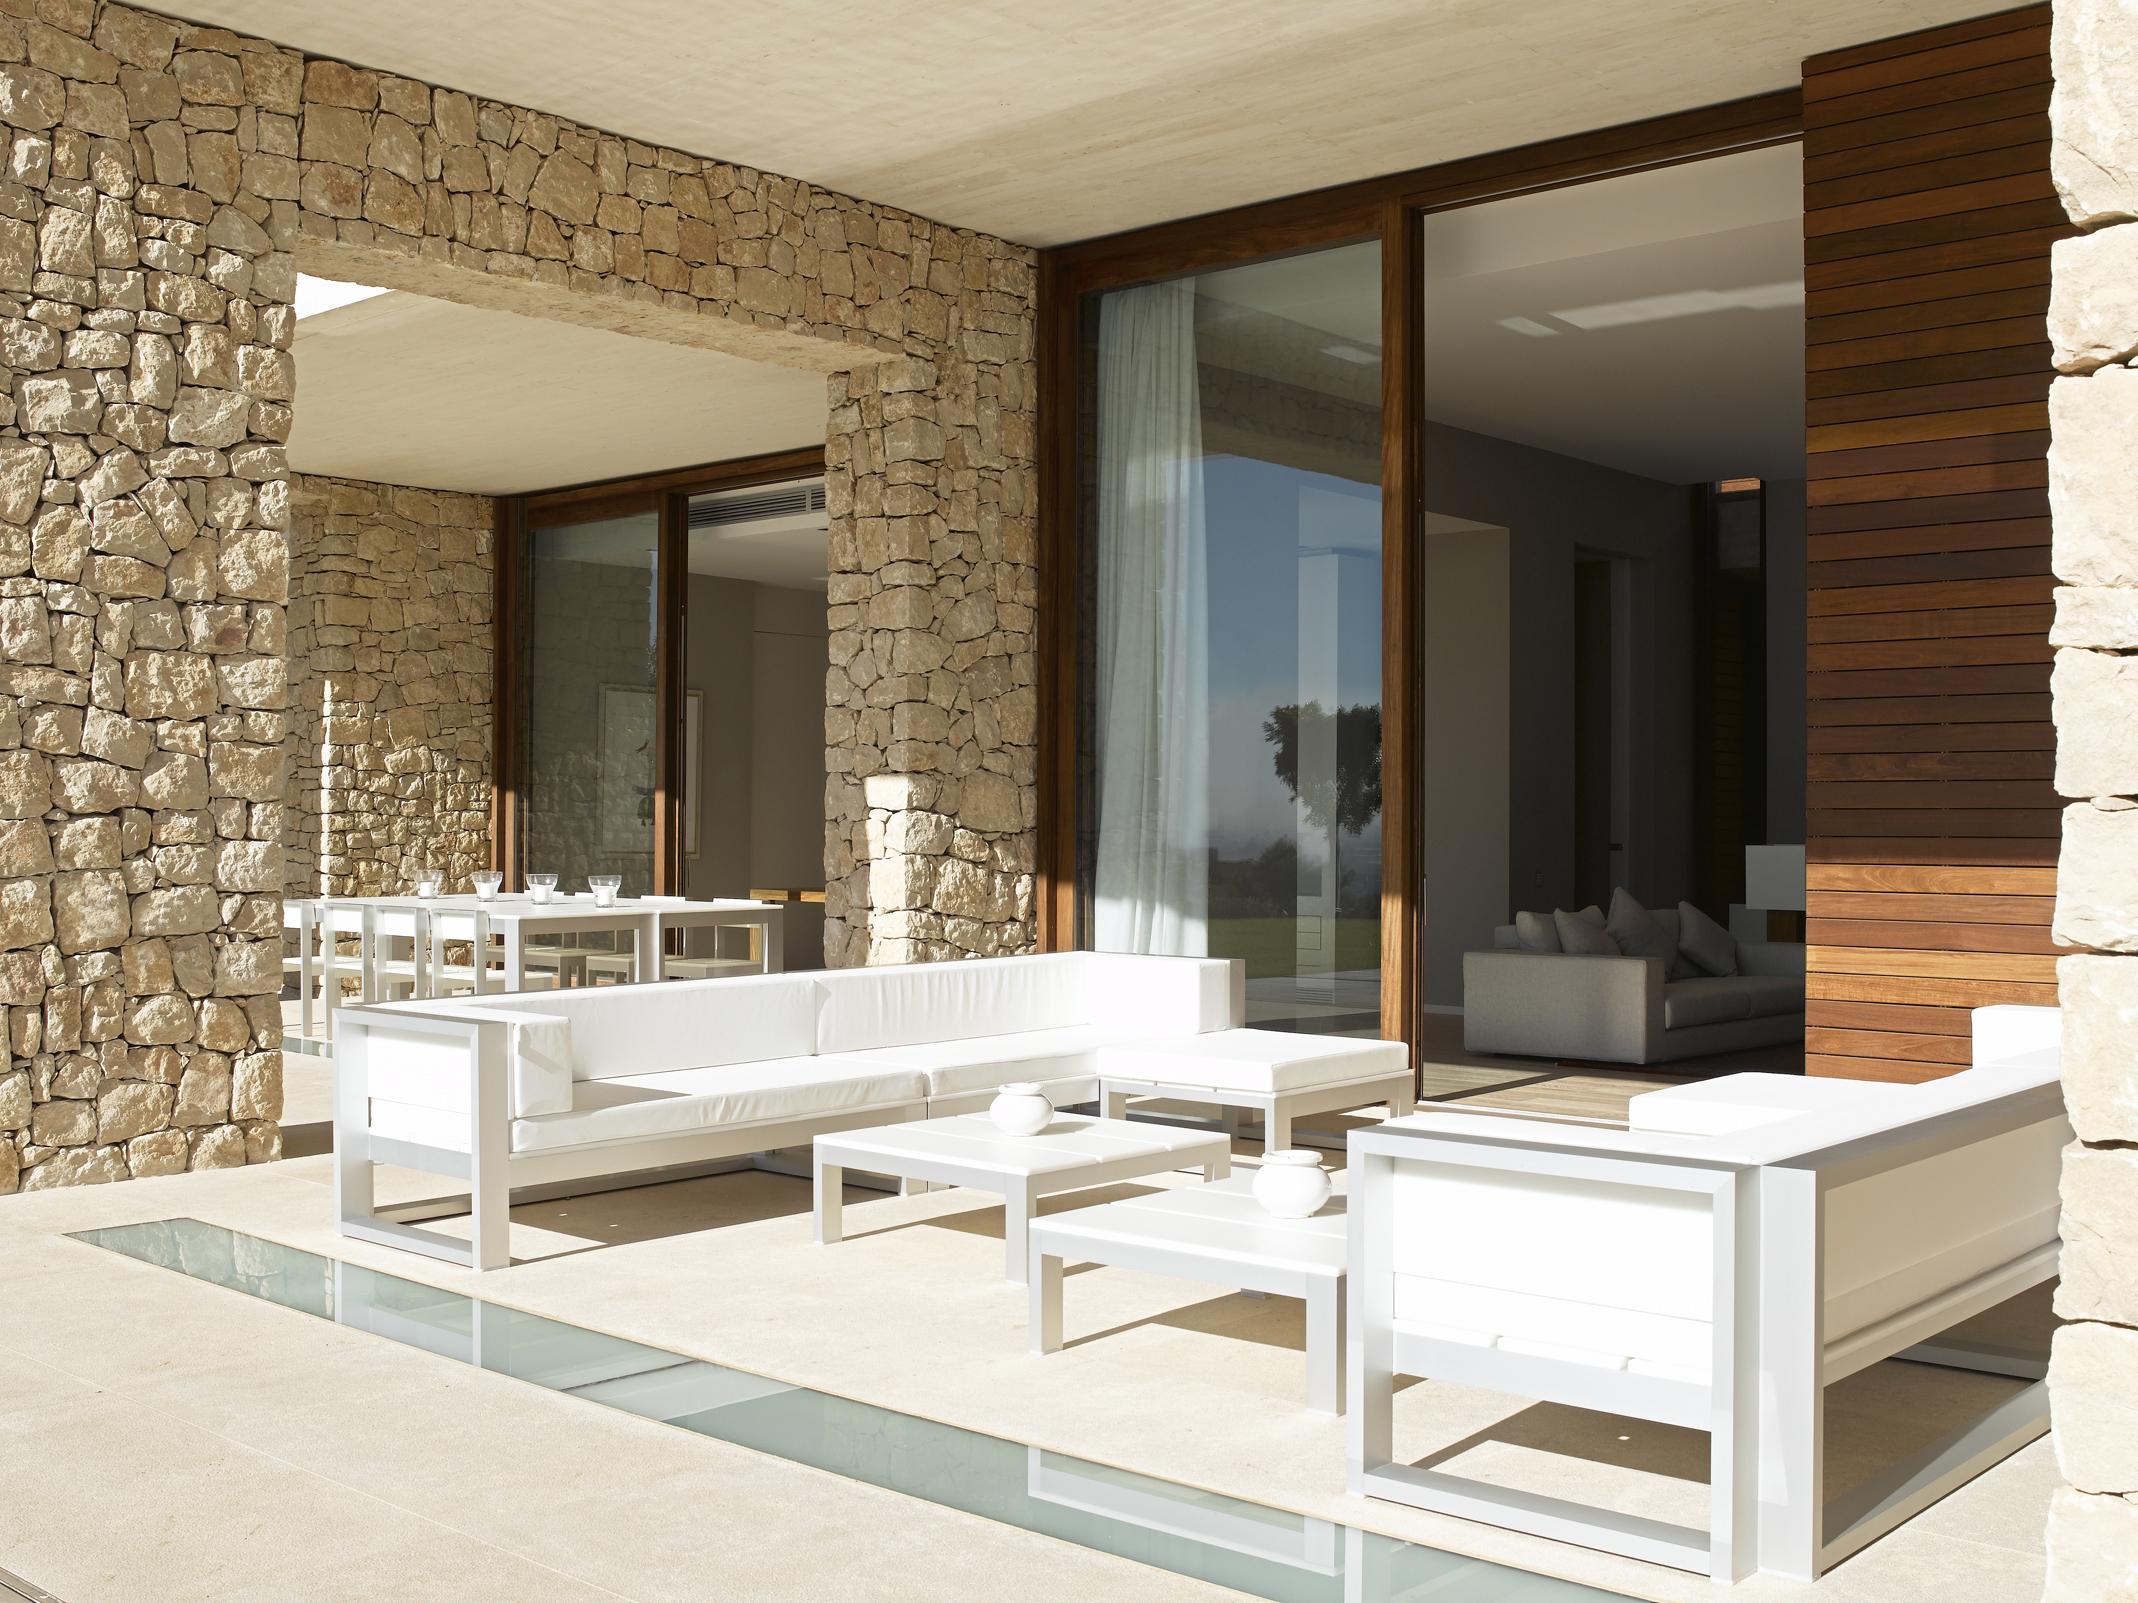 Casas de ensue o una vivienda de dise o romano en el for Casas modernas idealista